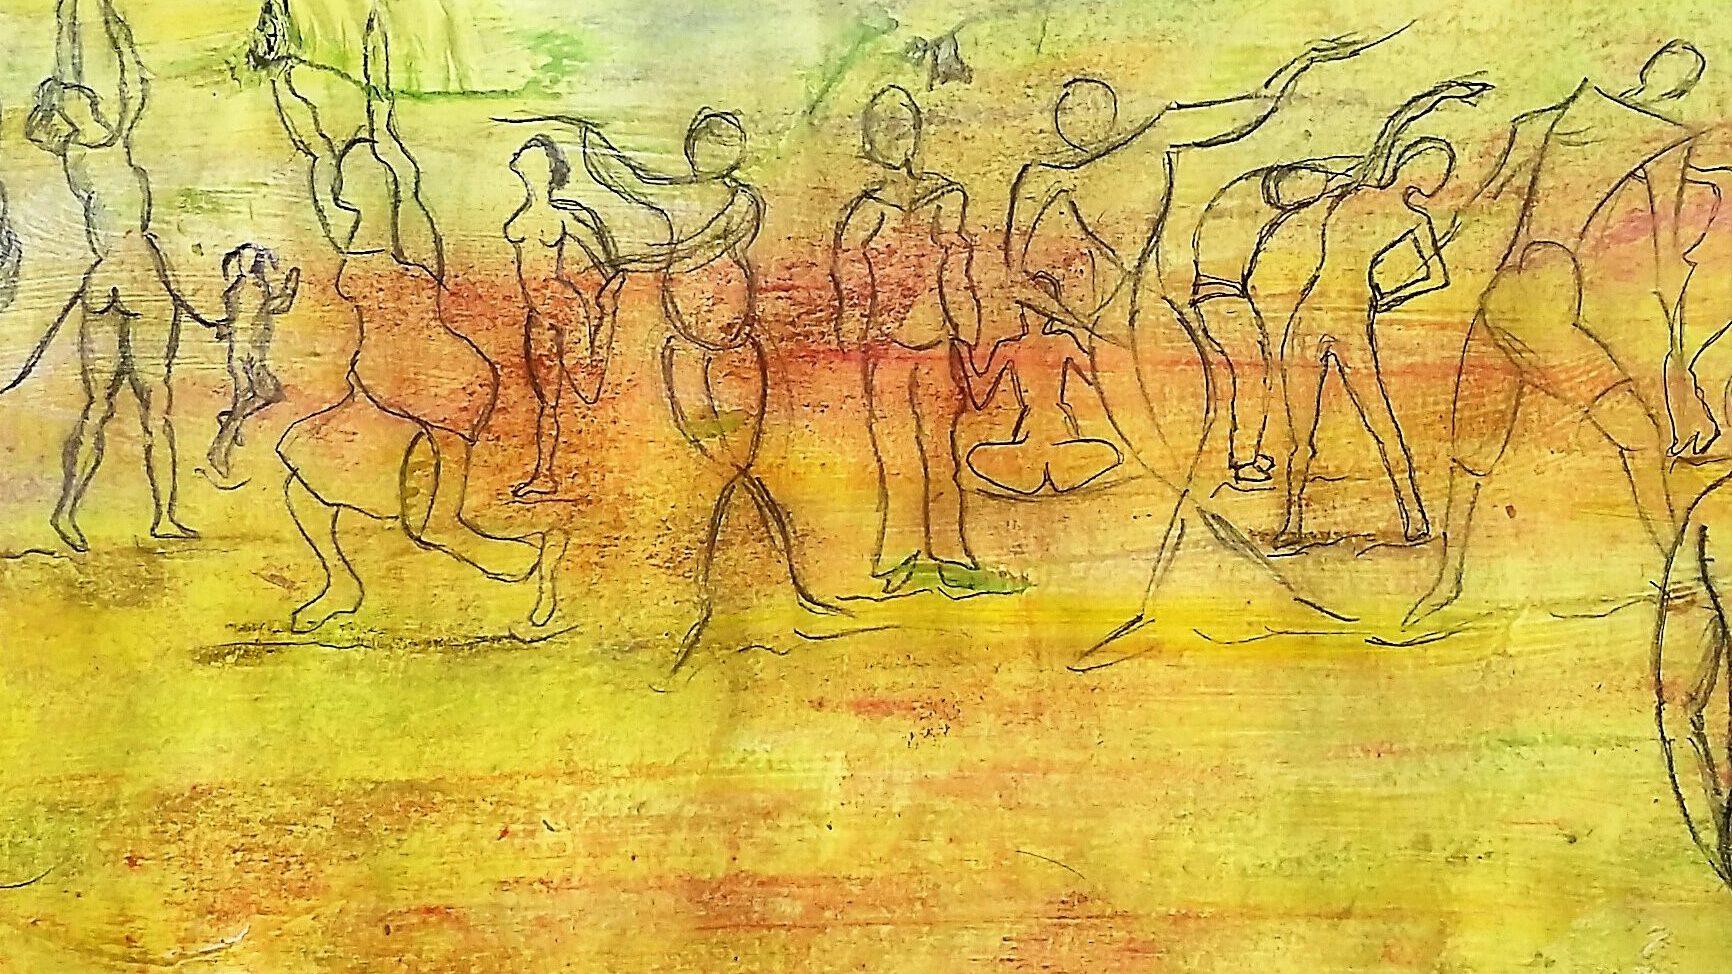 Körper Bewegung Tanz Kunst Therapie Susanna Tuppinger St. Gallen Ostschweiz Tanztherapie Bewegungstherapie Kunsttherapie